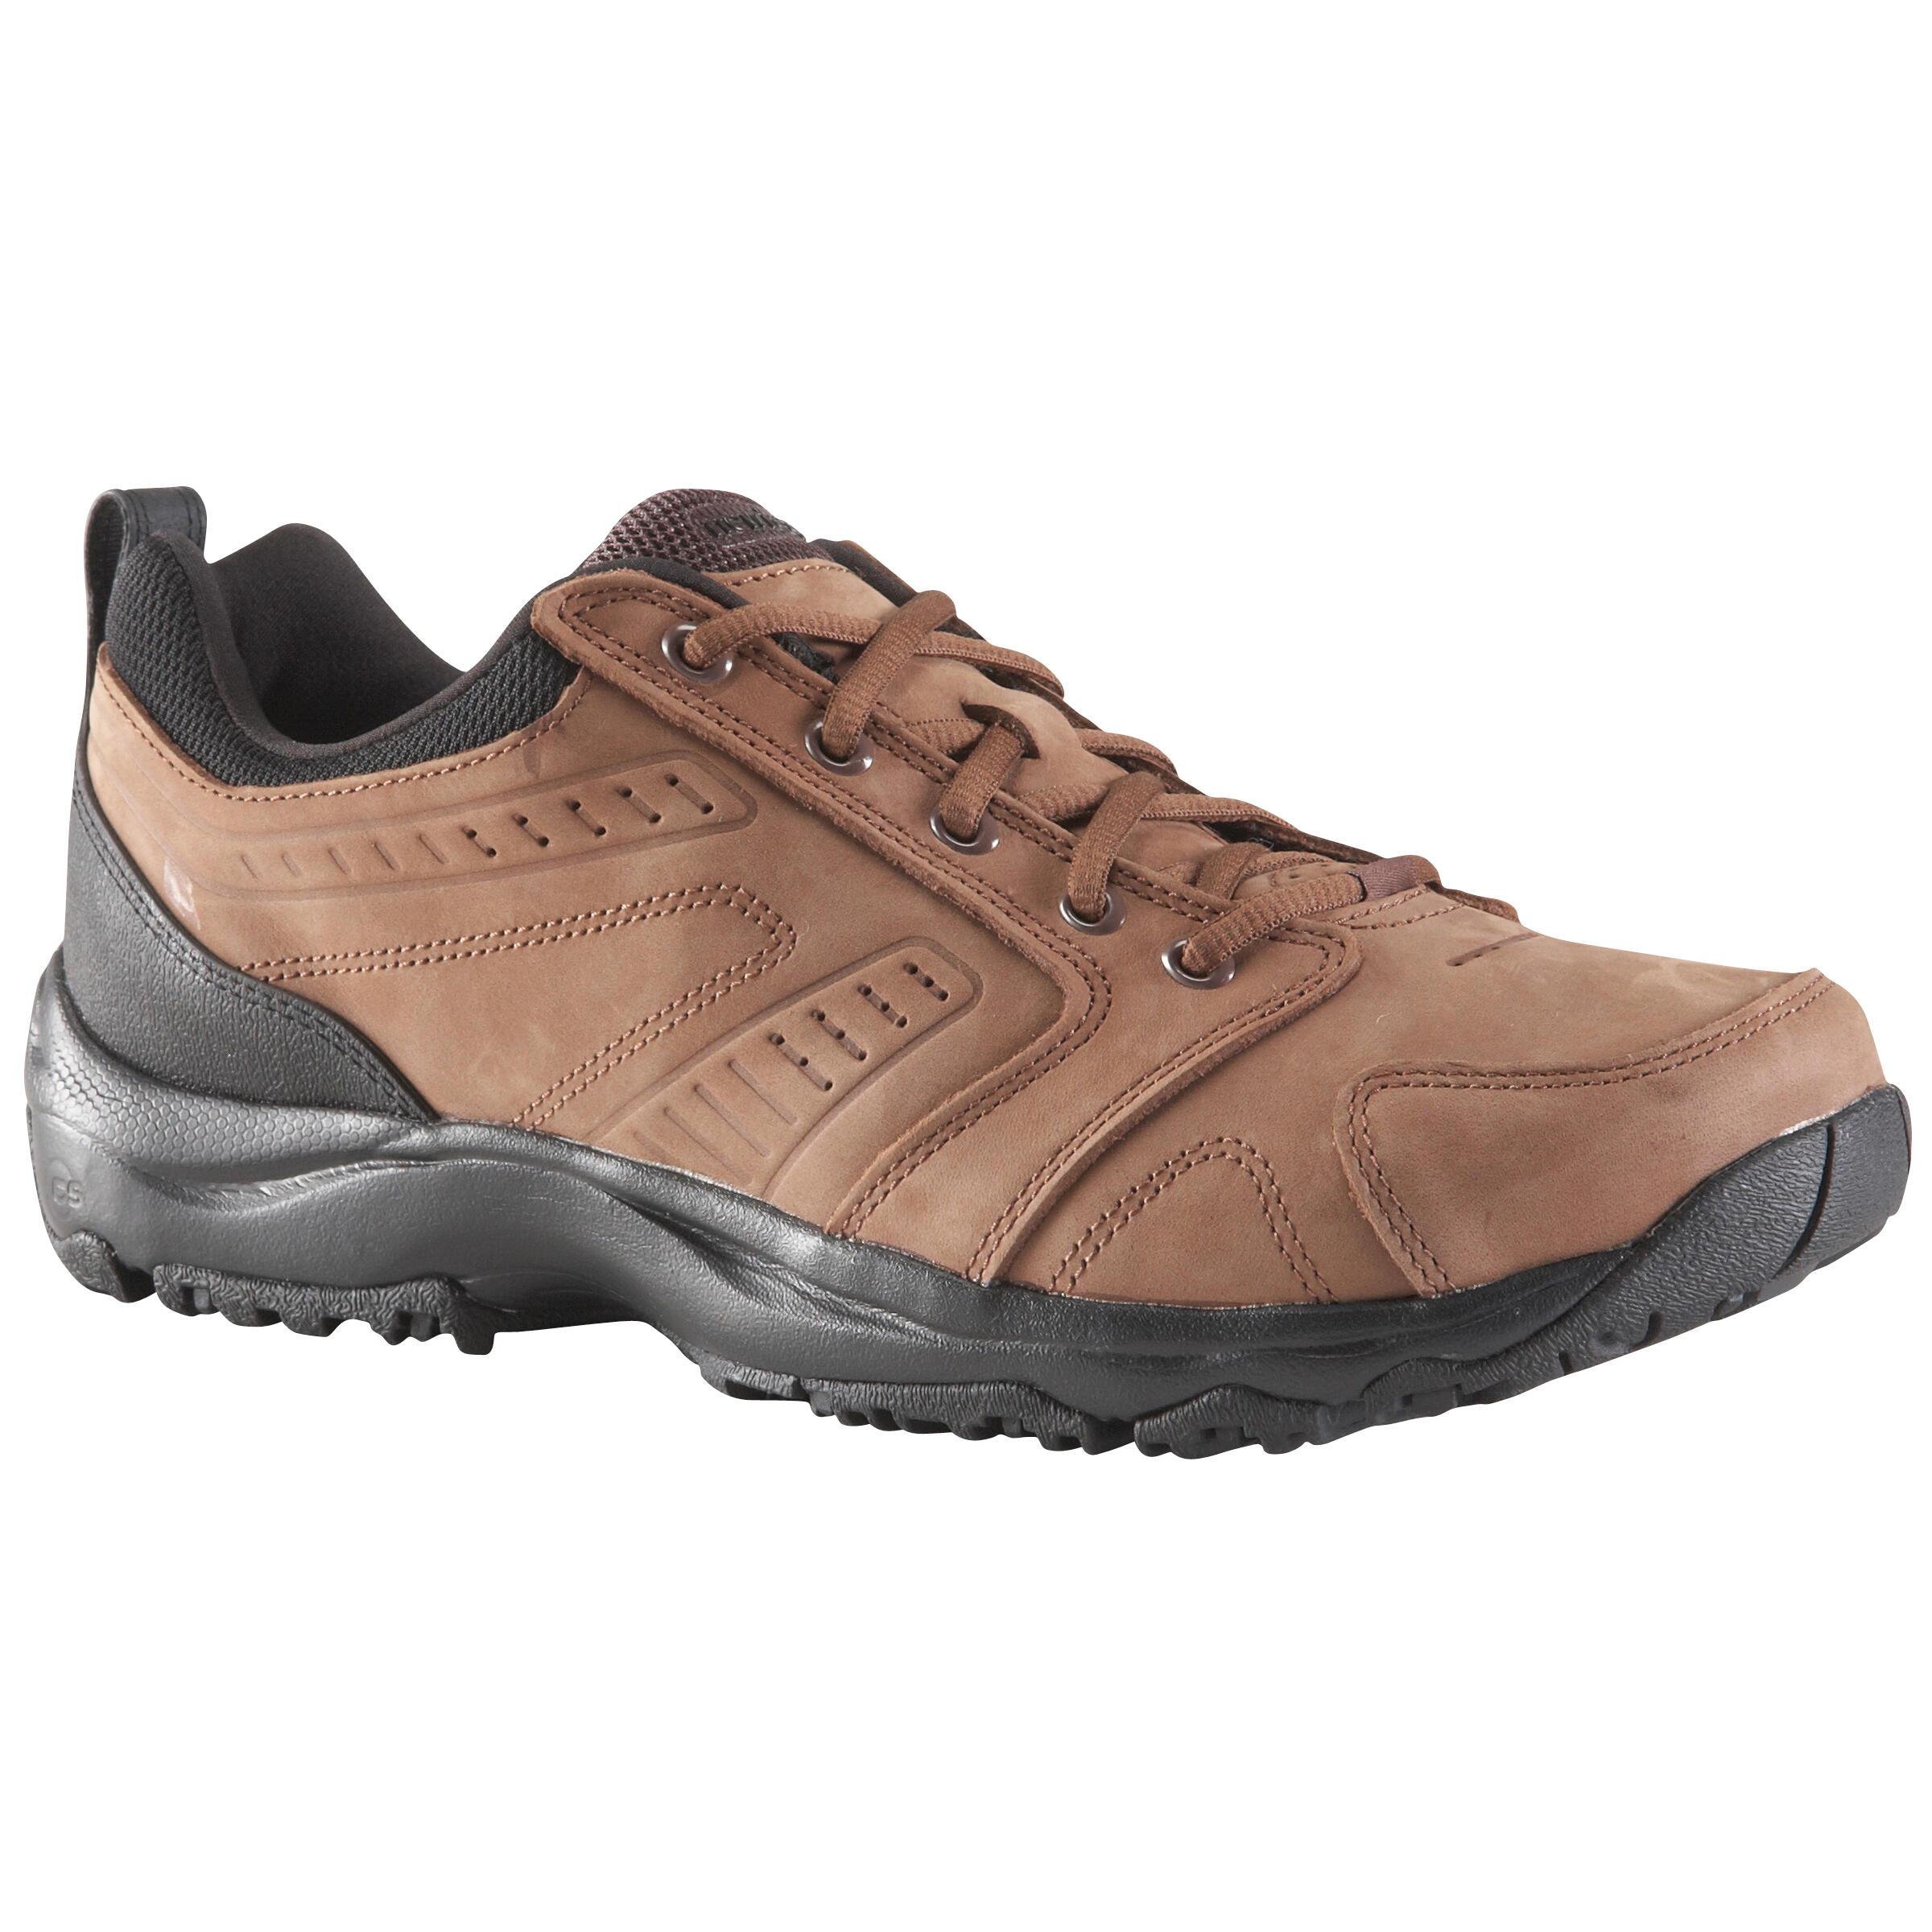 NEWFEEL Chaussures marche active homme Nakuru Confort cuir marron - NEWFEEL - 45